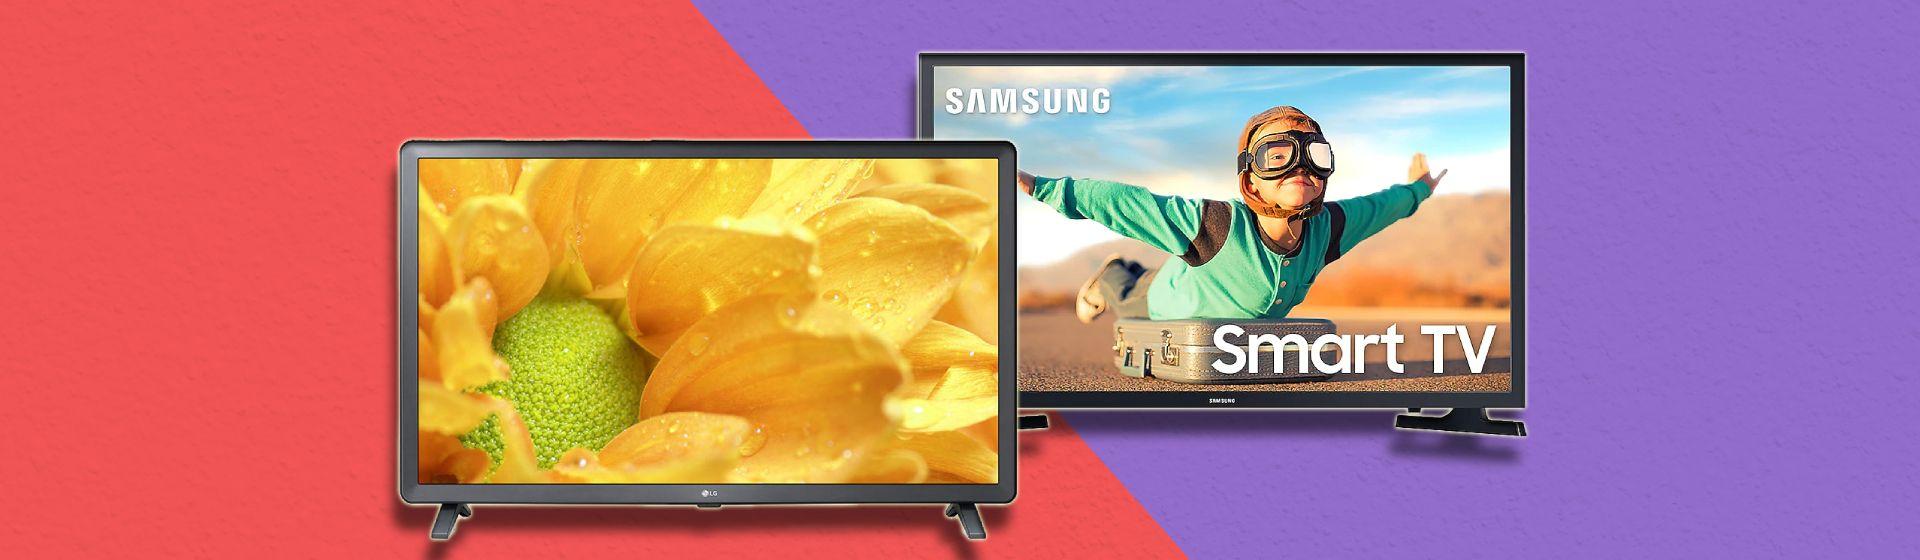 """LG LM625BPSB vs Samsung T4300: confira as diferenças entre essas TVs de 32"""""""